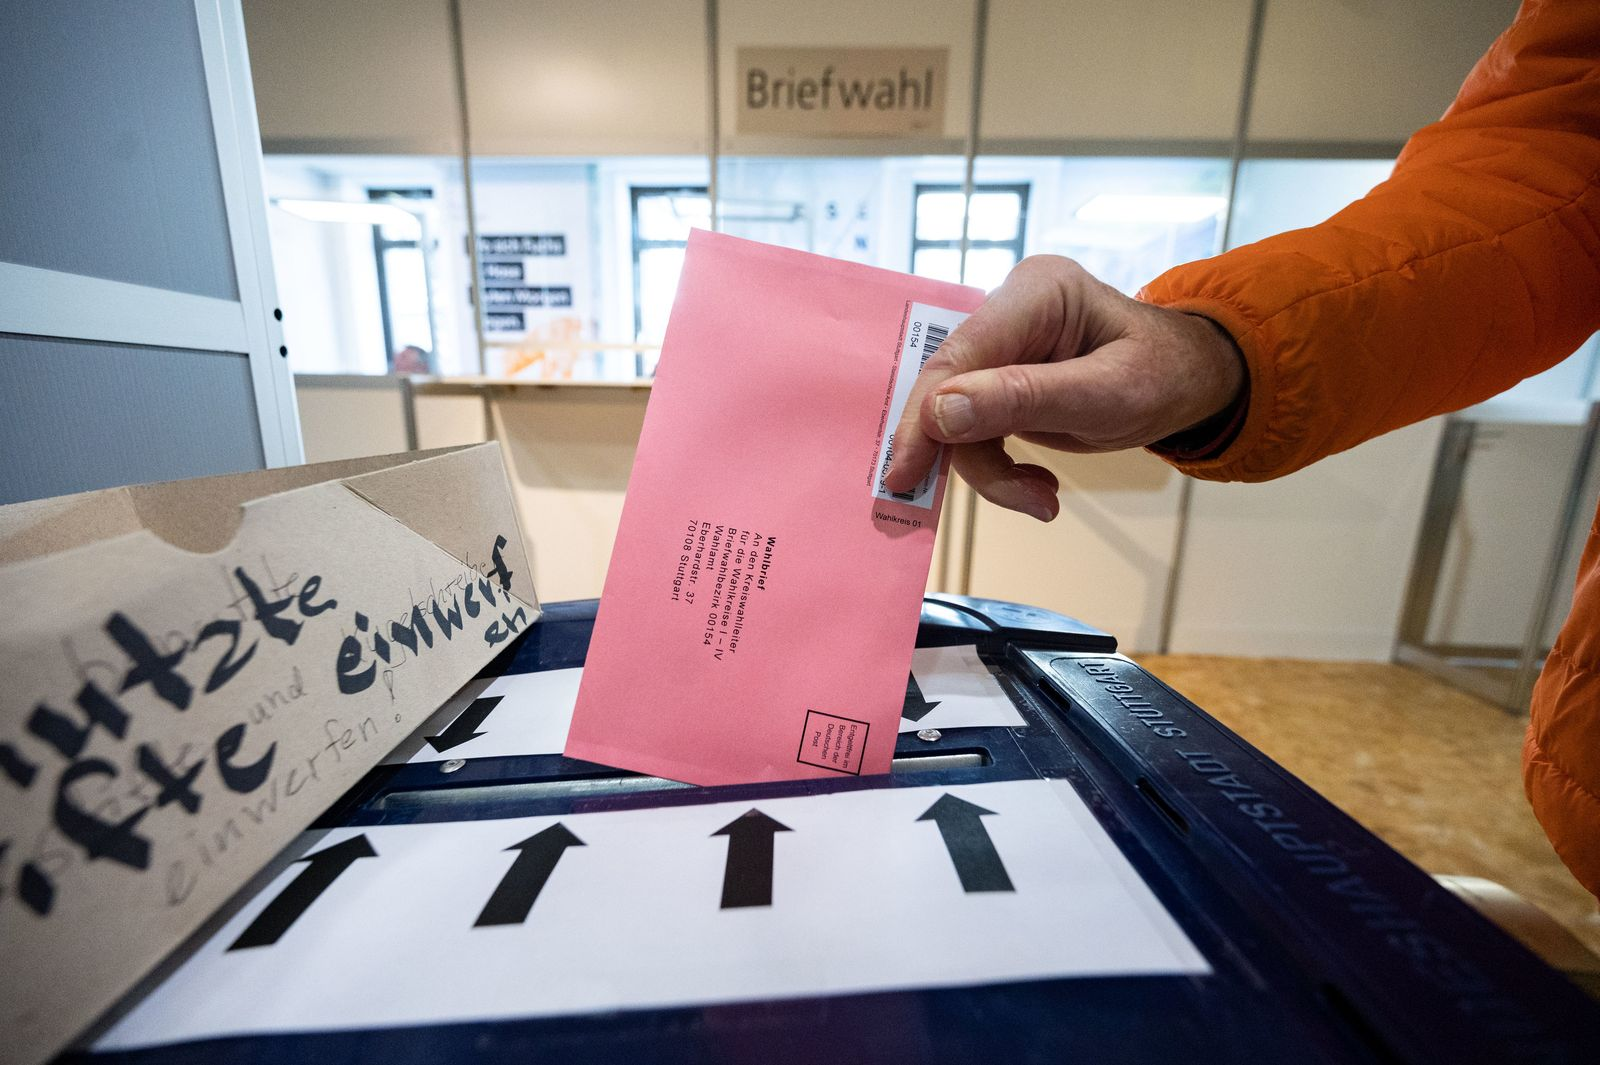 Landtagswahl Baden-Württemberg - Briefwahl